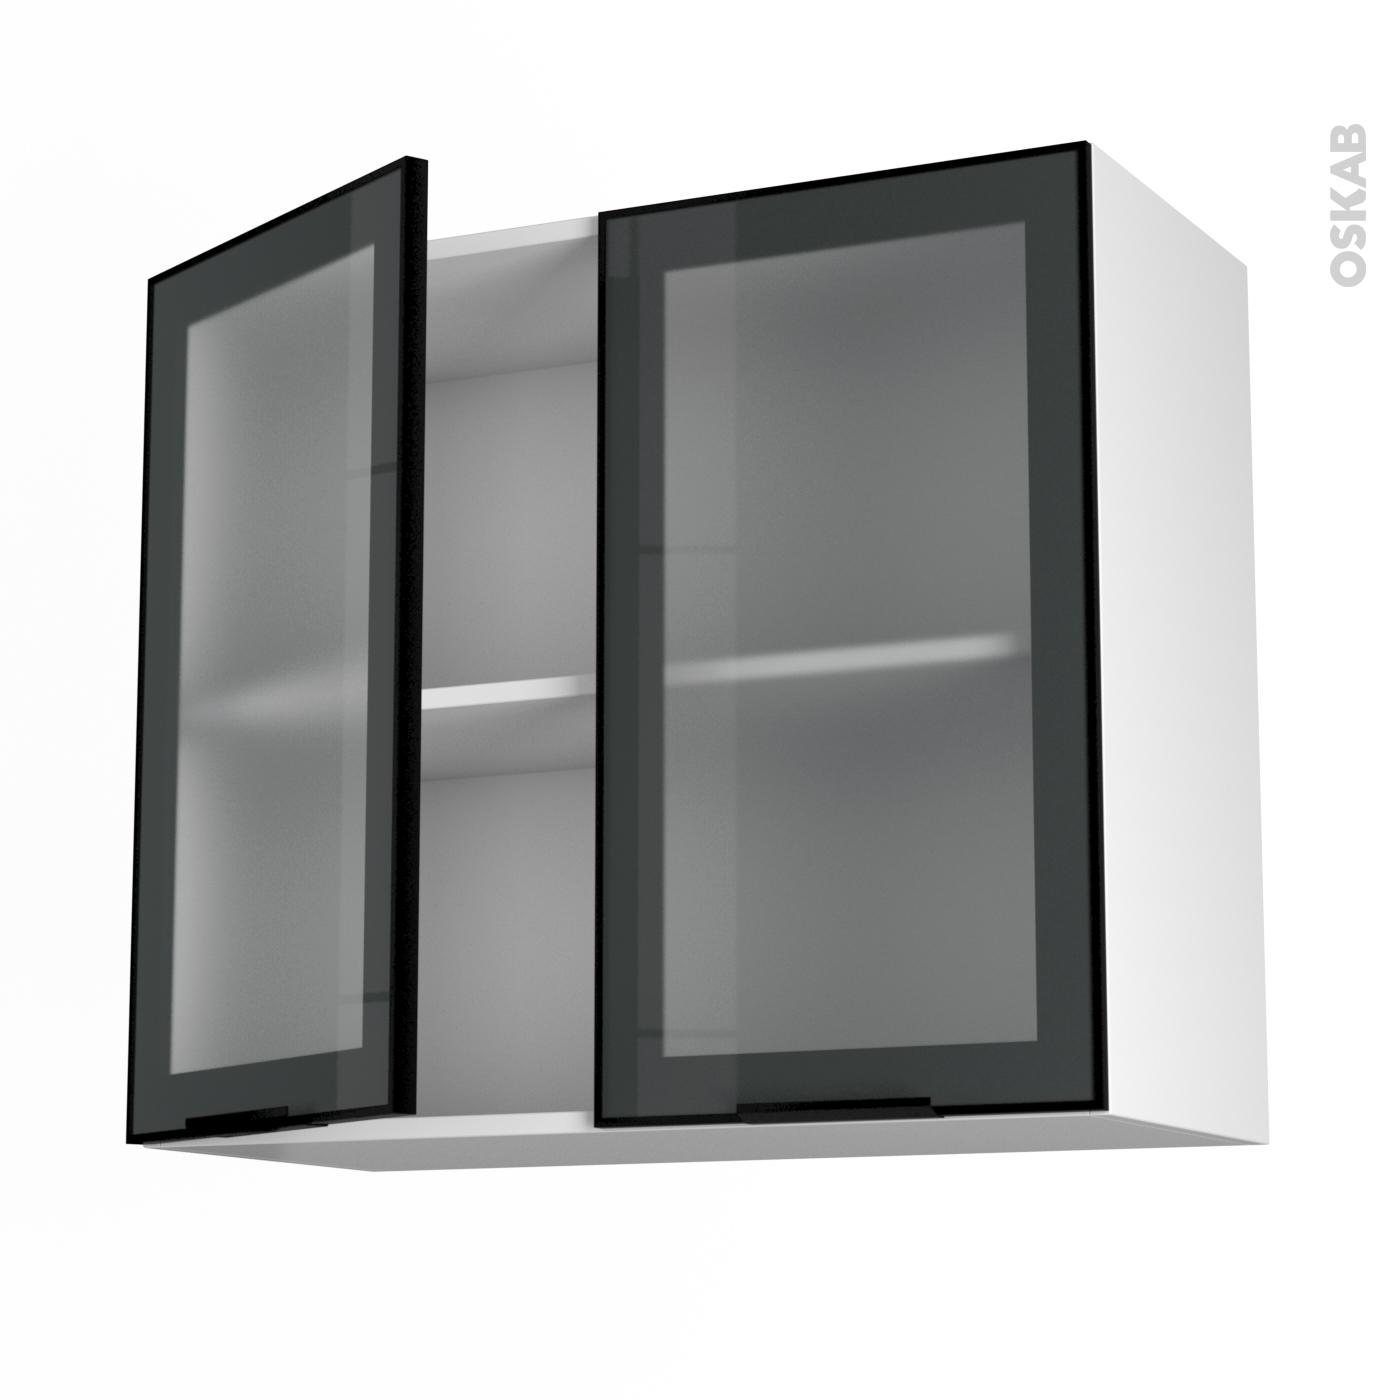 meuble haut & bas cuisine vitré, porte vitrée noir, blanc ou alu ... - Meuble Haut Vitre Cuisine